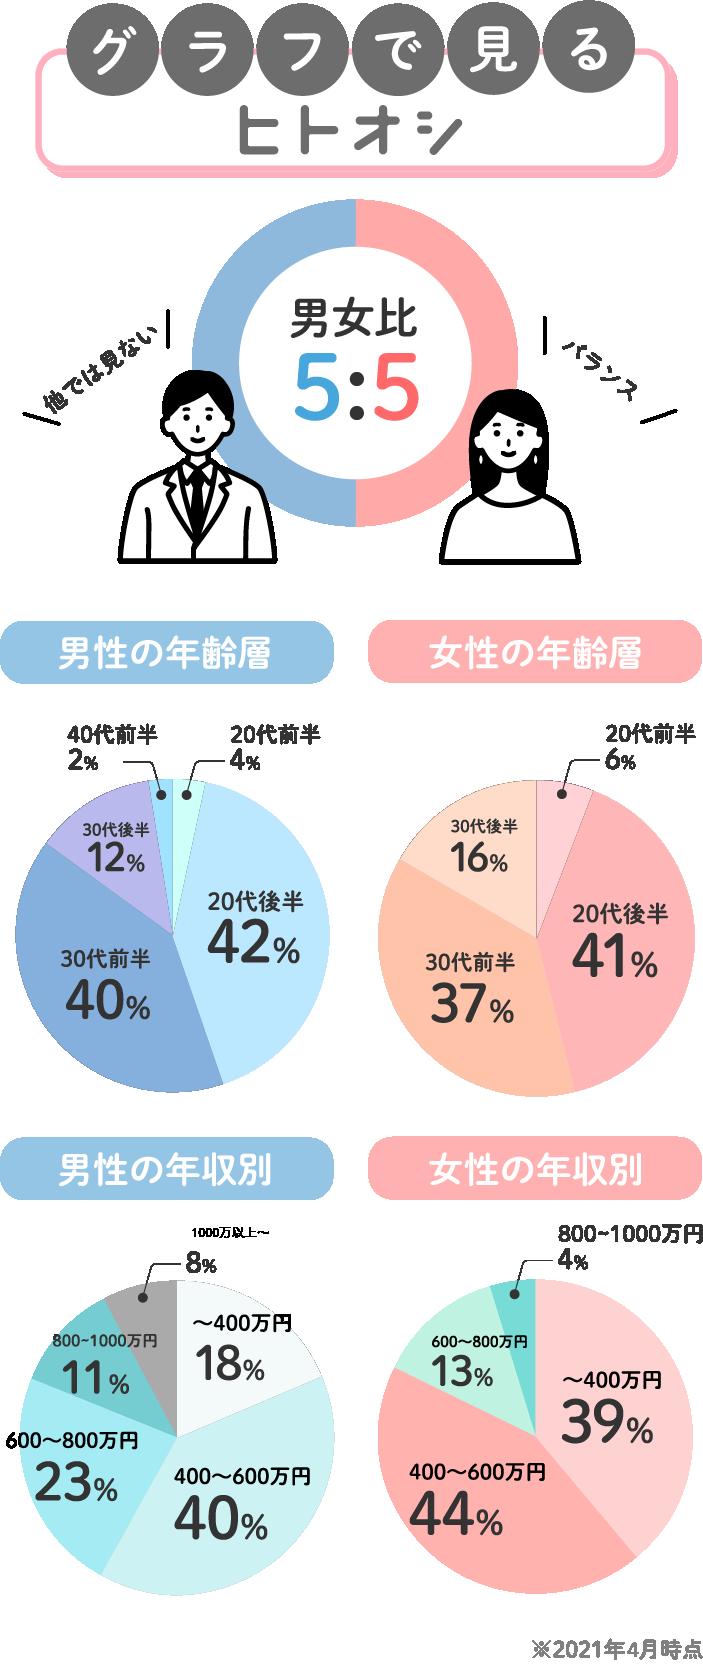 グラフでみる、ヒトオシ。男女比率3:4で意外と女性が多く占めています。男性の年齢層は42%の20代後半を筆頭に40%の30代前半、12%の30代後半と続いています。女性の年齢層は41%の20代後半を筆頭に37%の30代前半、16%の30代後半と続いています。男性の年収は400-600万円までが最も多く、女性の年収も同様です。※2021年4月時点